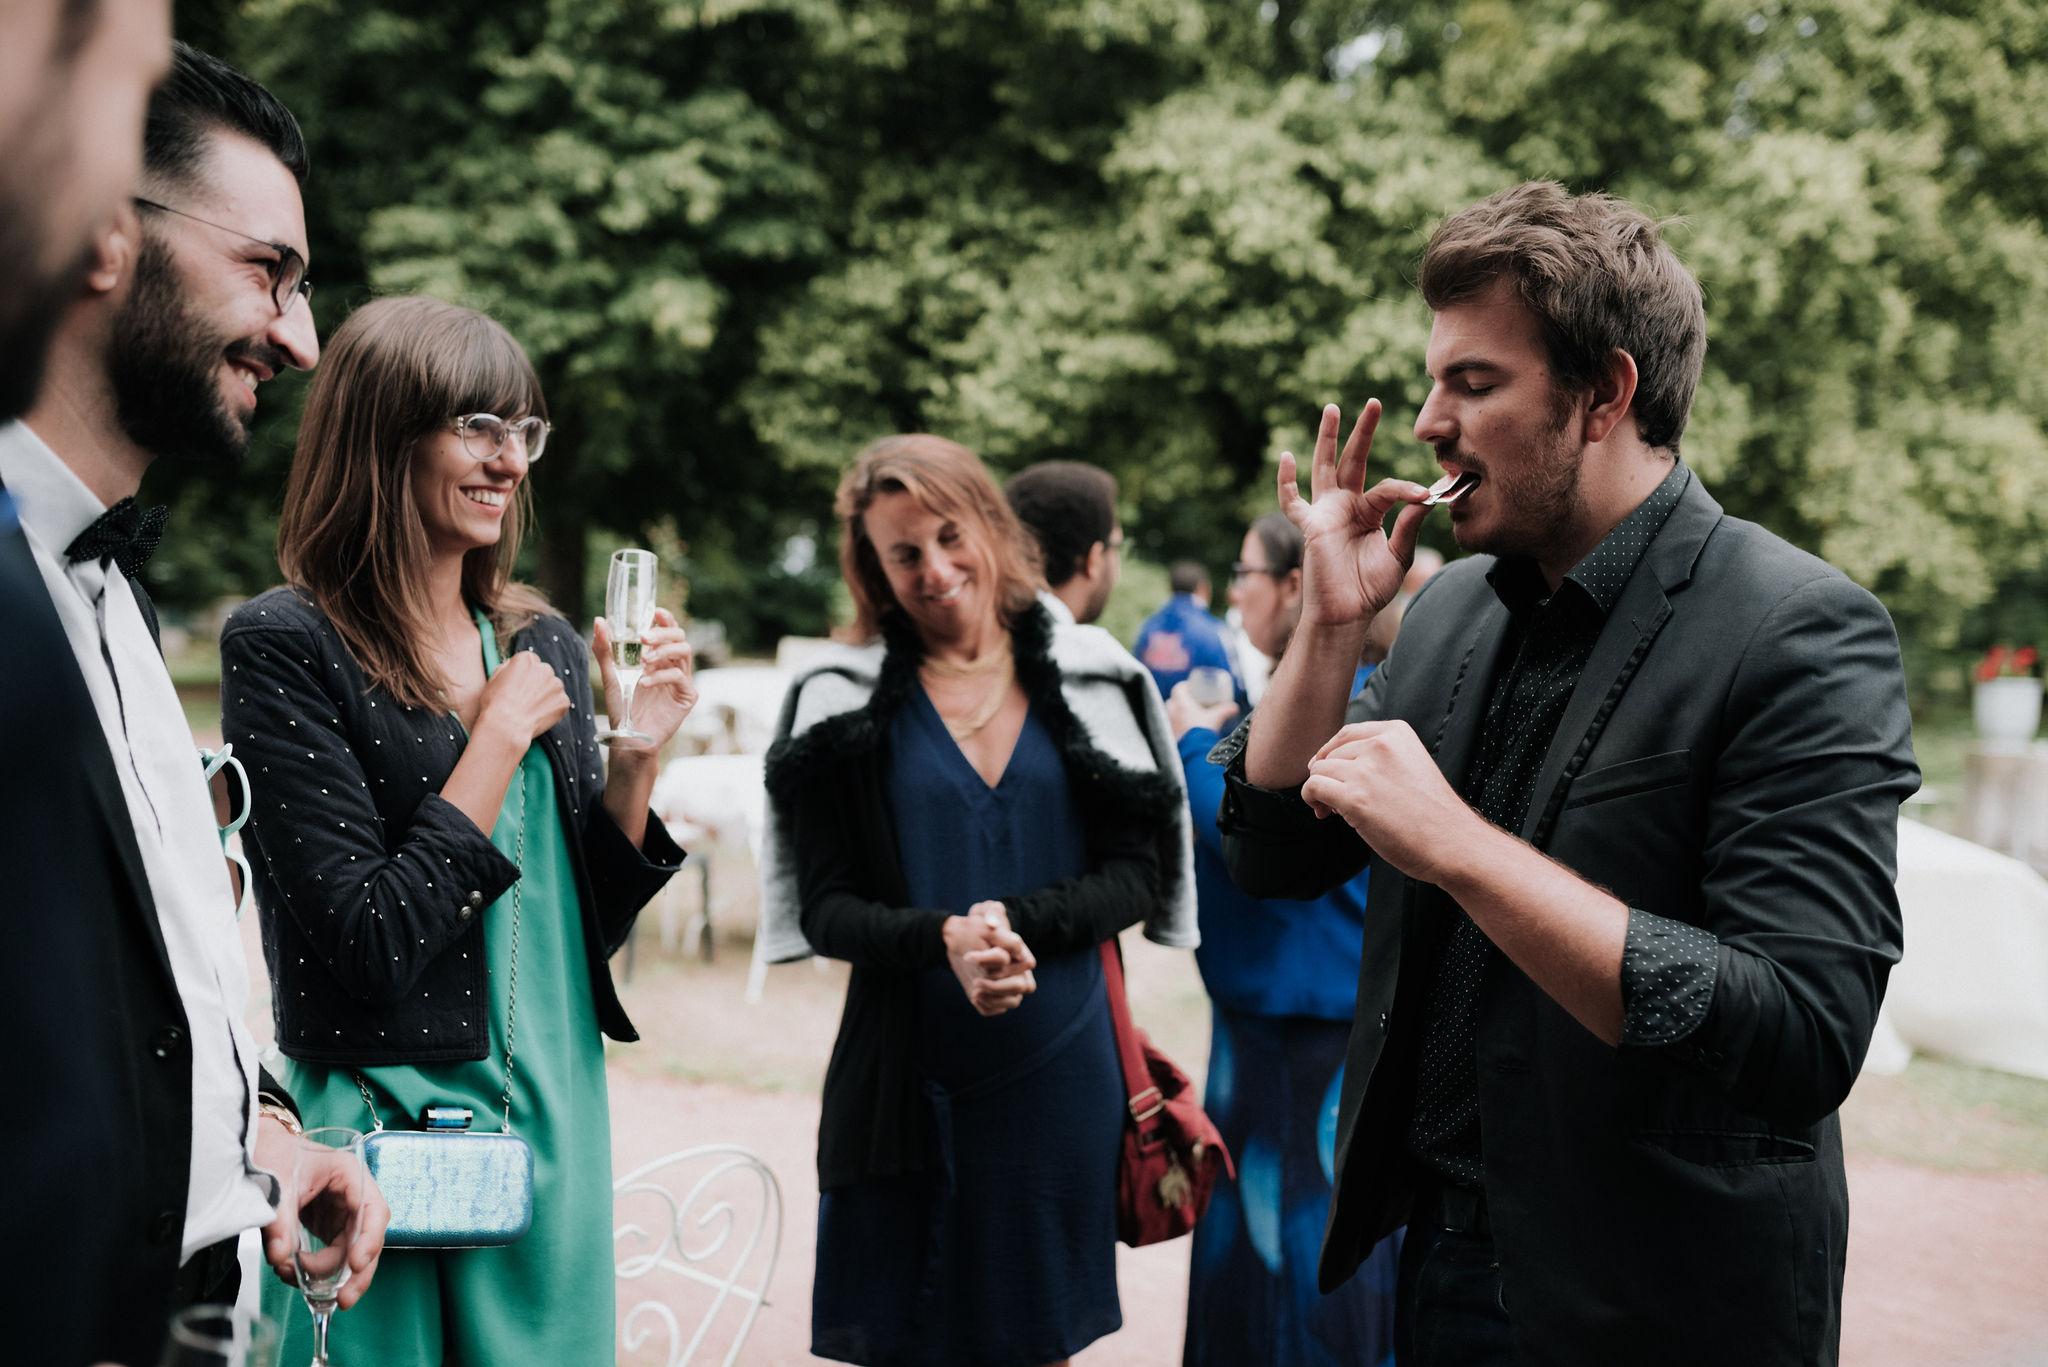 Léa-Fery-photographe-professionnel-lyon-rhone-alpes-portrait-creation-mariage-evenement-evenementiel-famille--129.jpg